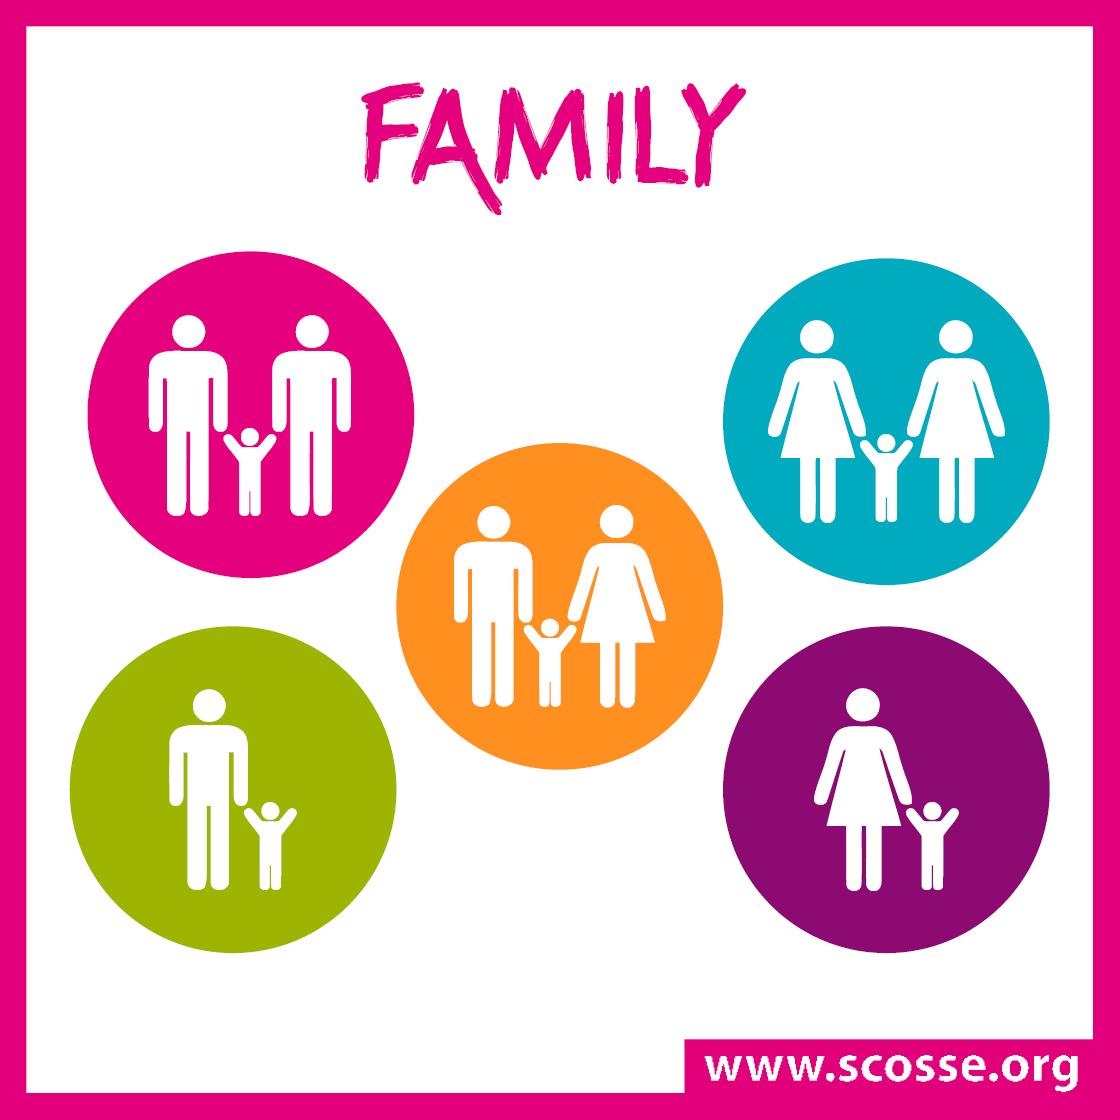 Famiglia Plurale Quando La Scuola Fa La Differenza Scosse